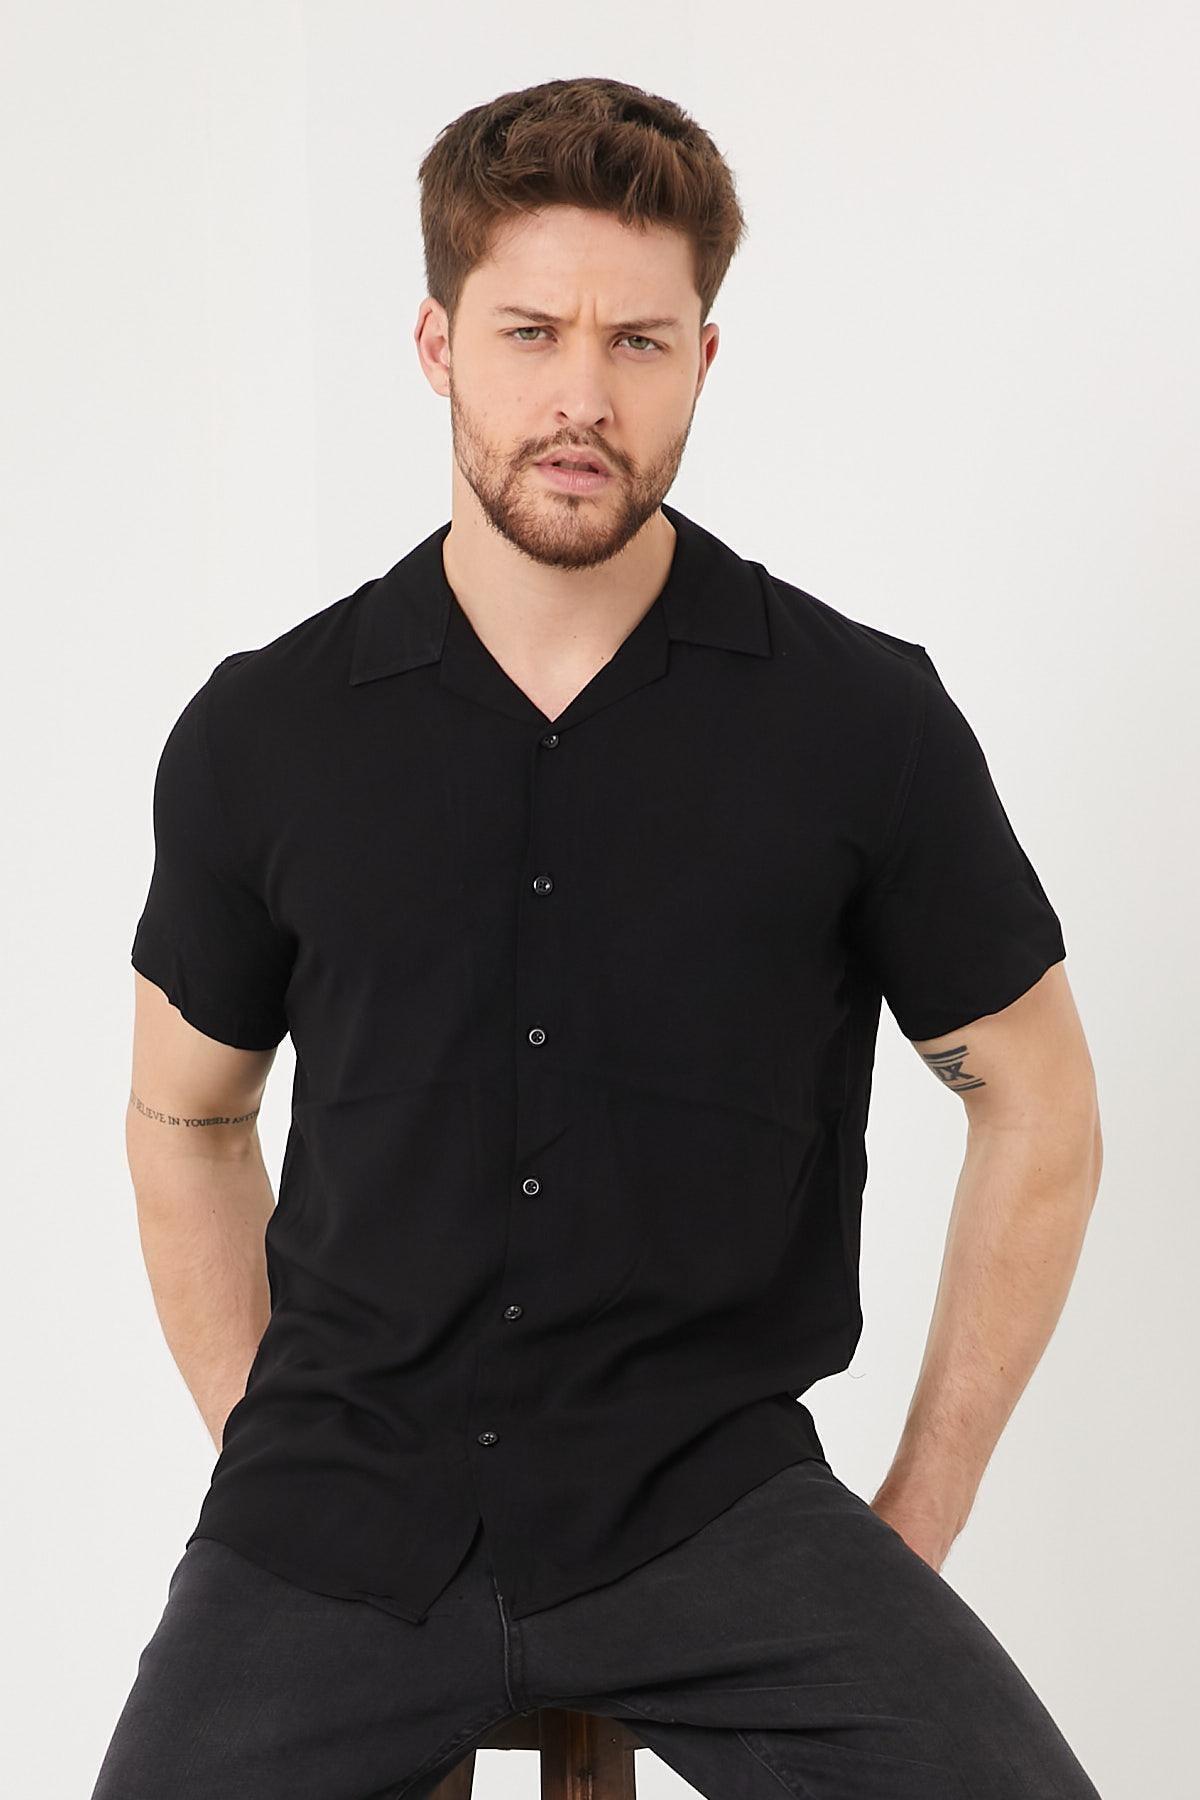 Erkek Slim Fit Keten Apaş Yaka Kısa Kollu Gömlek Siyah